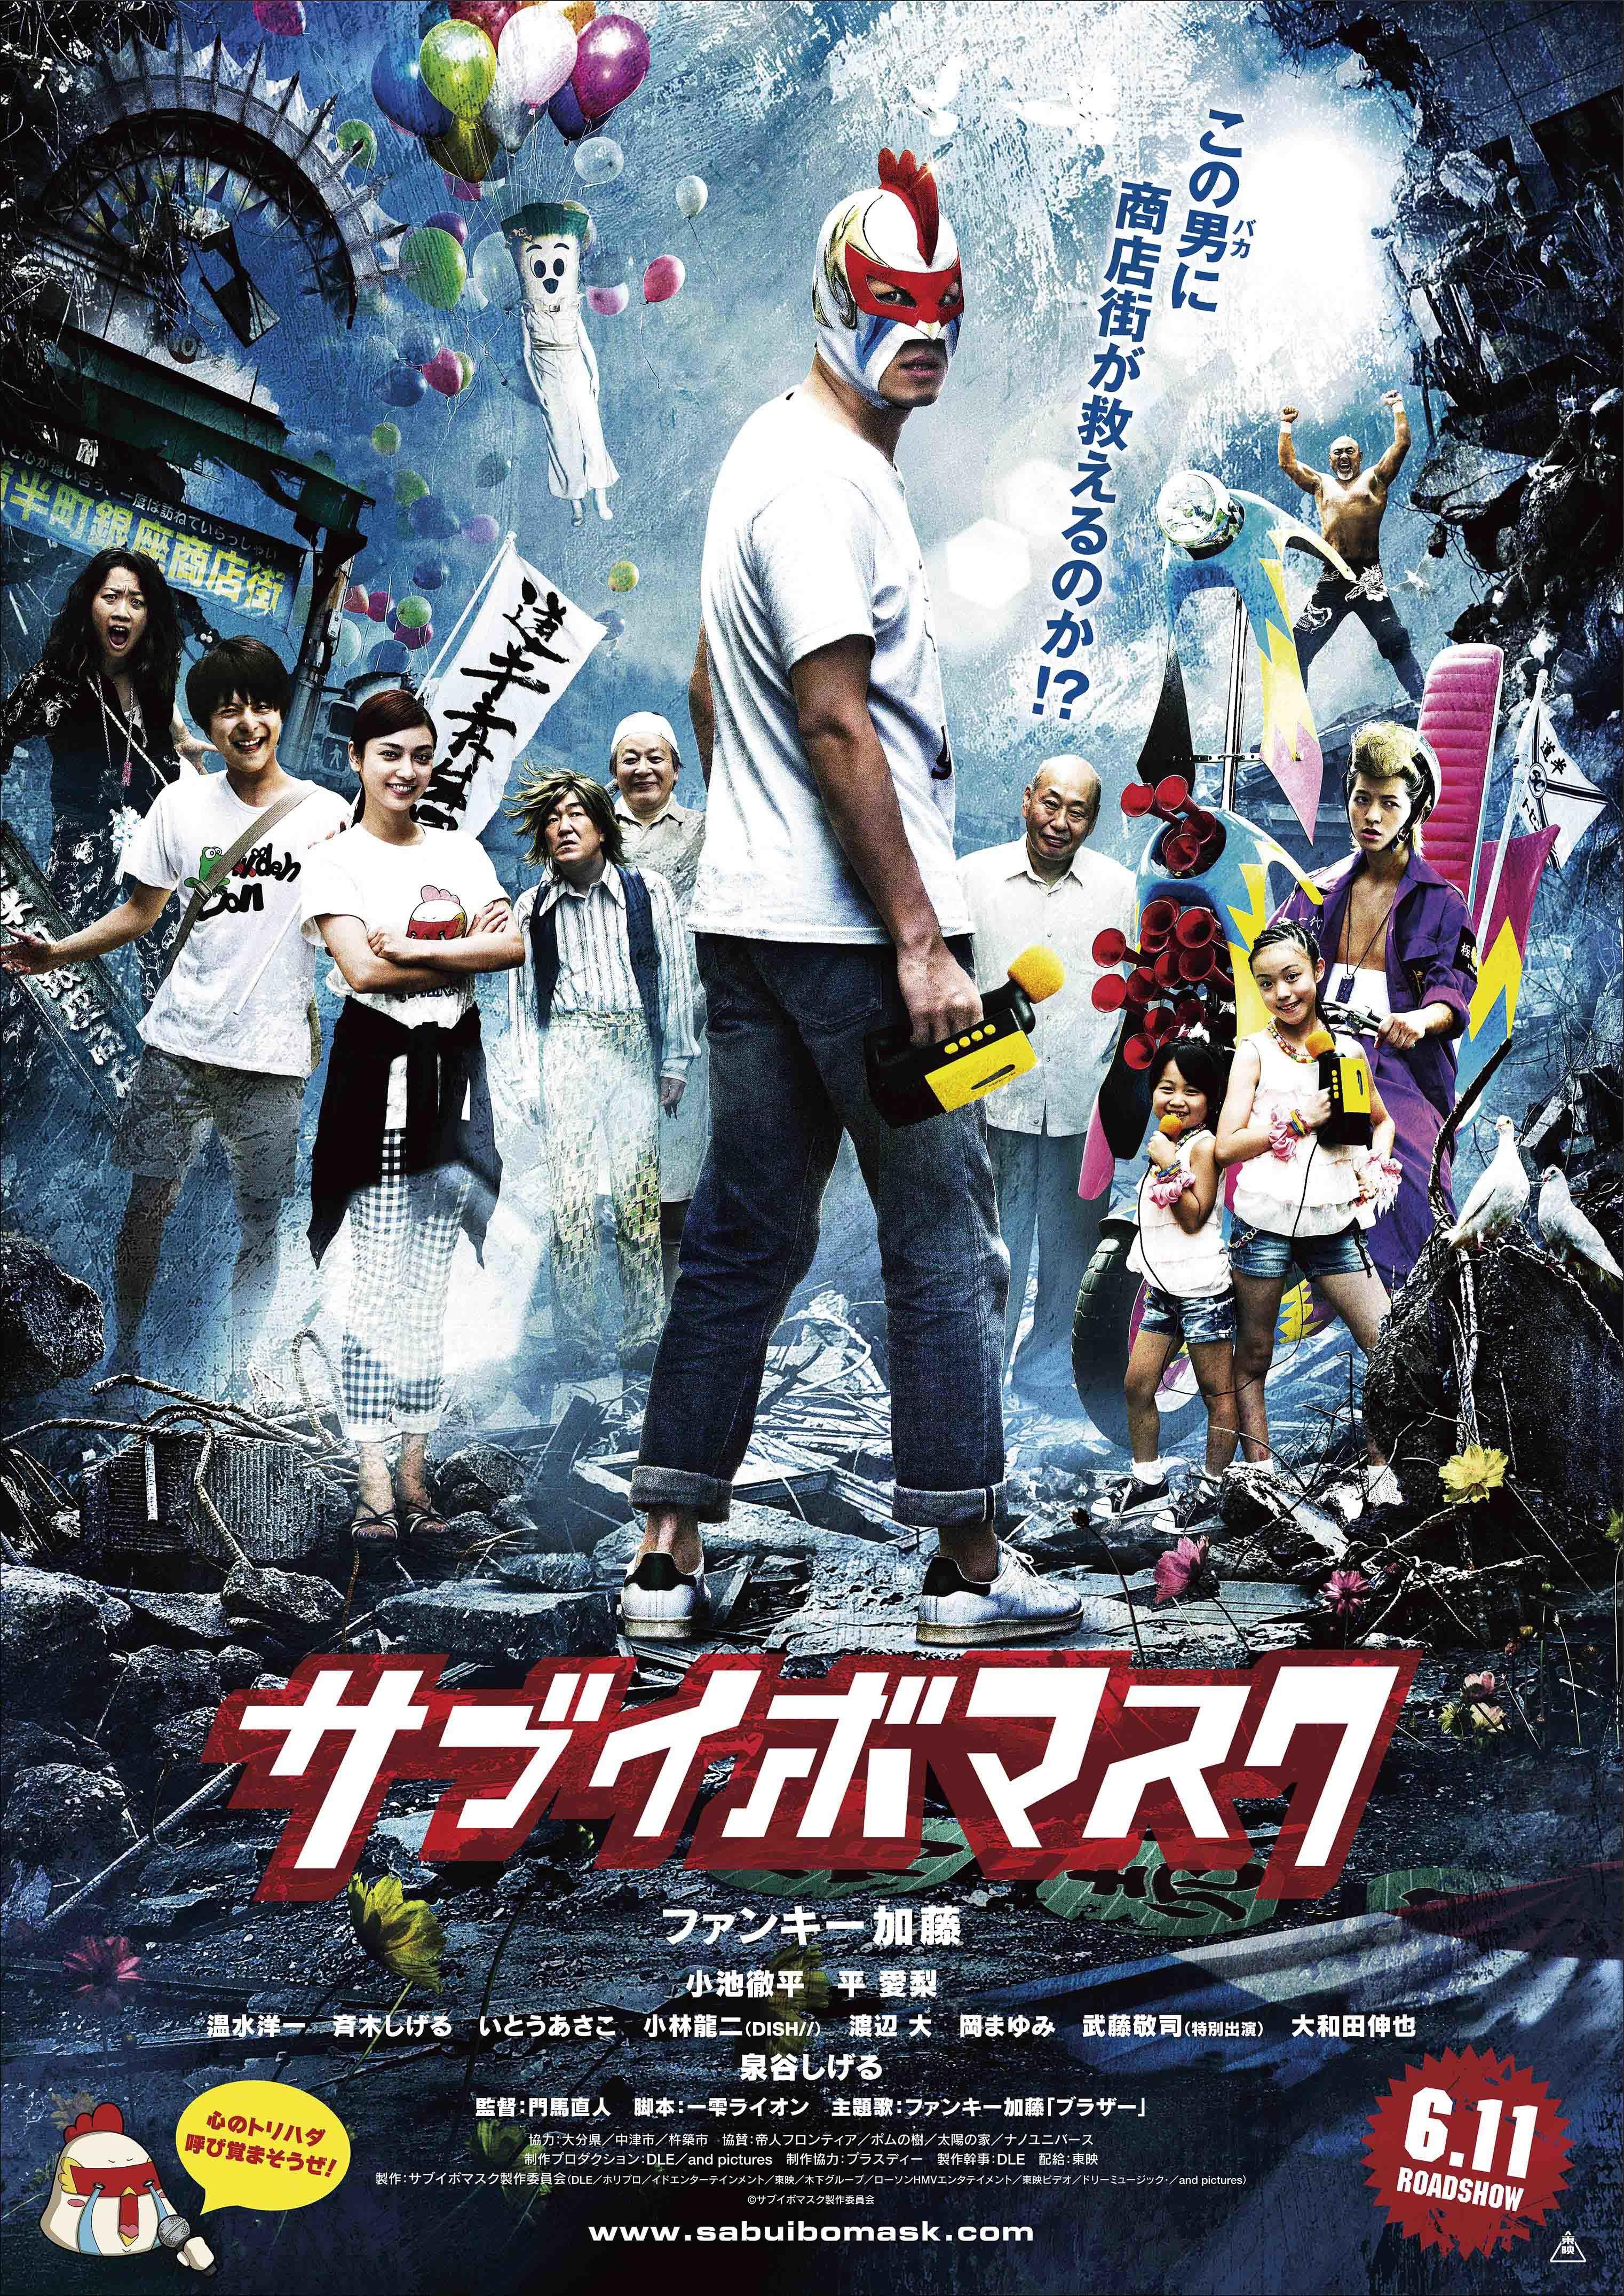 公開された映画『サブイボマスク』ポスタービジュアル ©サブイボマスク製作委員会